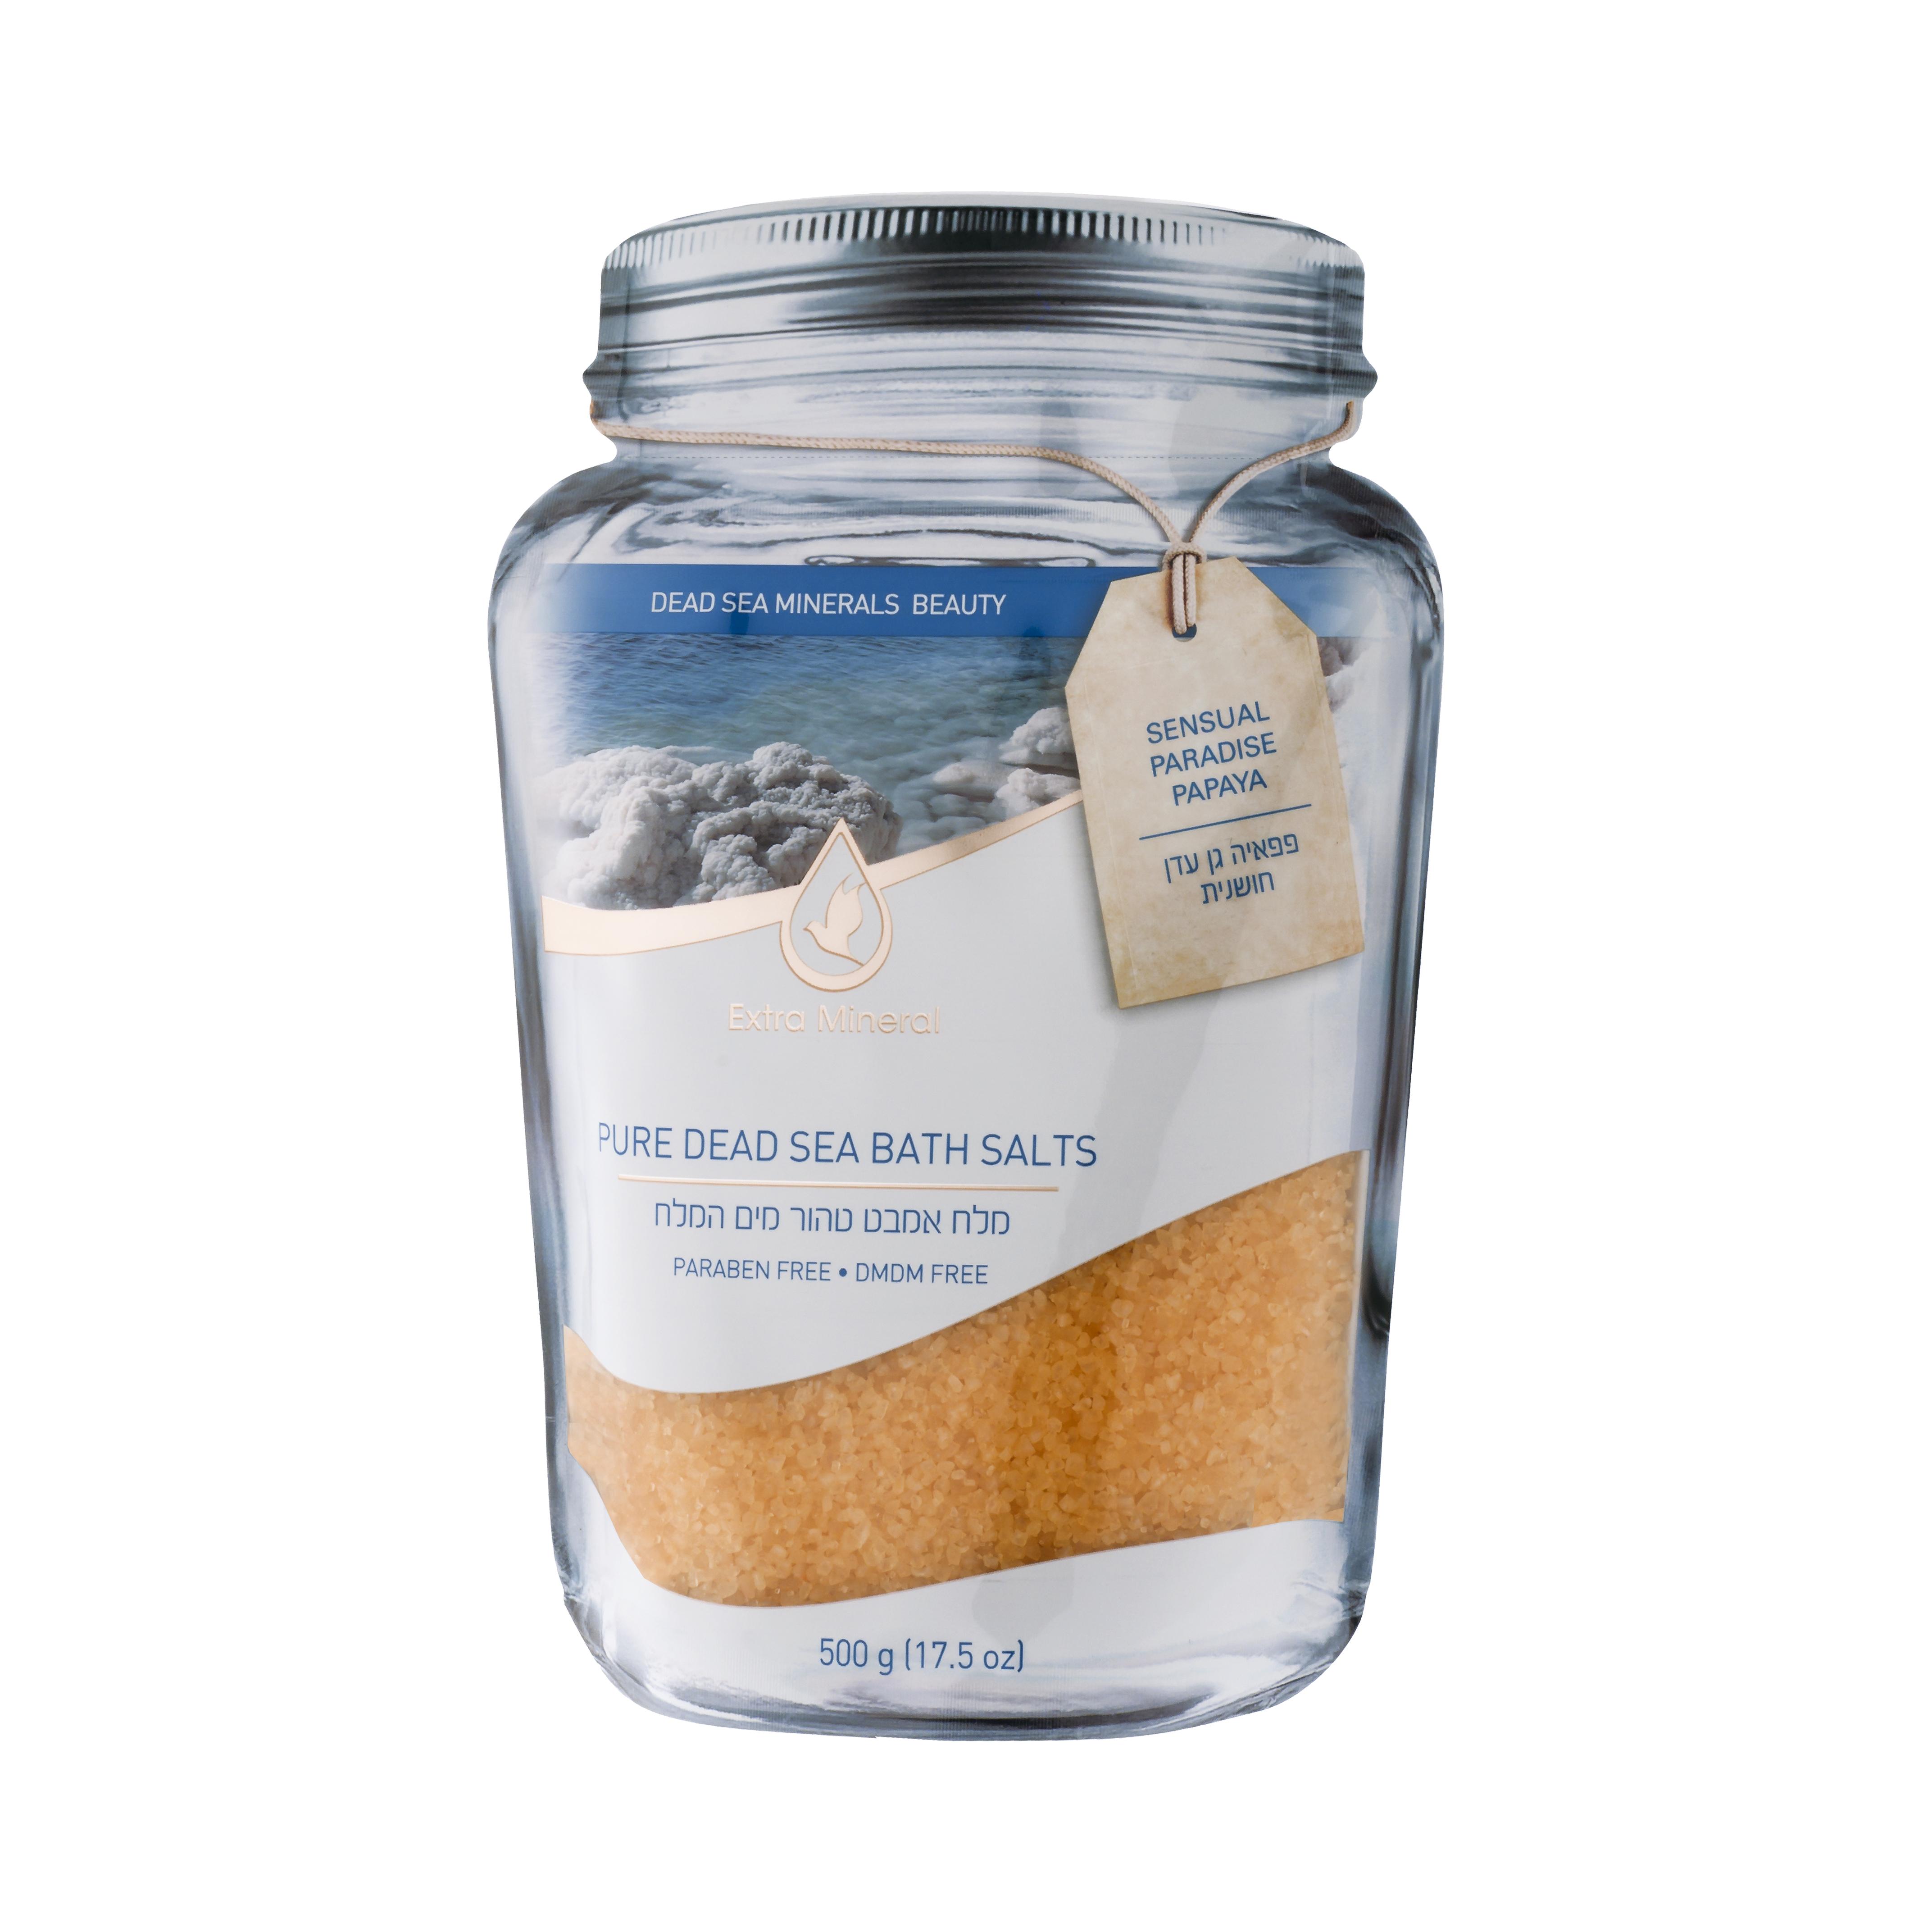 Extra Mineral Натуральная соль мертвого моря для ванн - чувственное с папайей 500 млEXM2303Соль Мертвого моря Extra Mineral. Чувственная райская папайя. 100% соль Мертвого моря, обогащенная минералами Мертвого моря с легким ароматом папайи - уникальный фруктовый аромат, мягкий и глубокий, чувственный и томный, неотразимо красочный, ласкающий, чудесный, экзотический, притягательный и невероятный пробудит желание и подарит истинное наслаждение. Соль Мертвого моря благотворно влияет на кожу и организм в целом, питая кожу минералами Мертвого моря, снимая напряжение в мышцах, органах, расслабляя и погружая в томную негу. Позвольте себе испытать ощущение полного расслабления на волшебном берегу Мертвого моря. Уникальная упаковка позволяет открывать и закрывать тубу многократно, сохраняя полезные свойства и аромат соли Мертвого моря Extra Mineral.